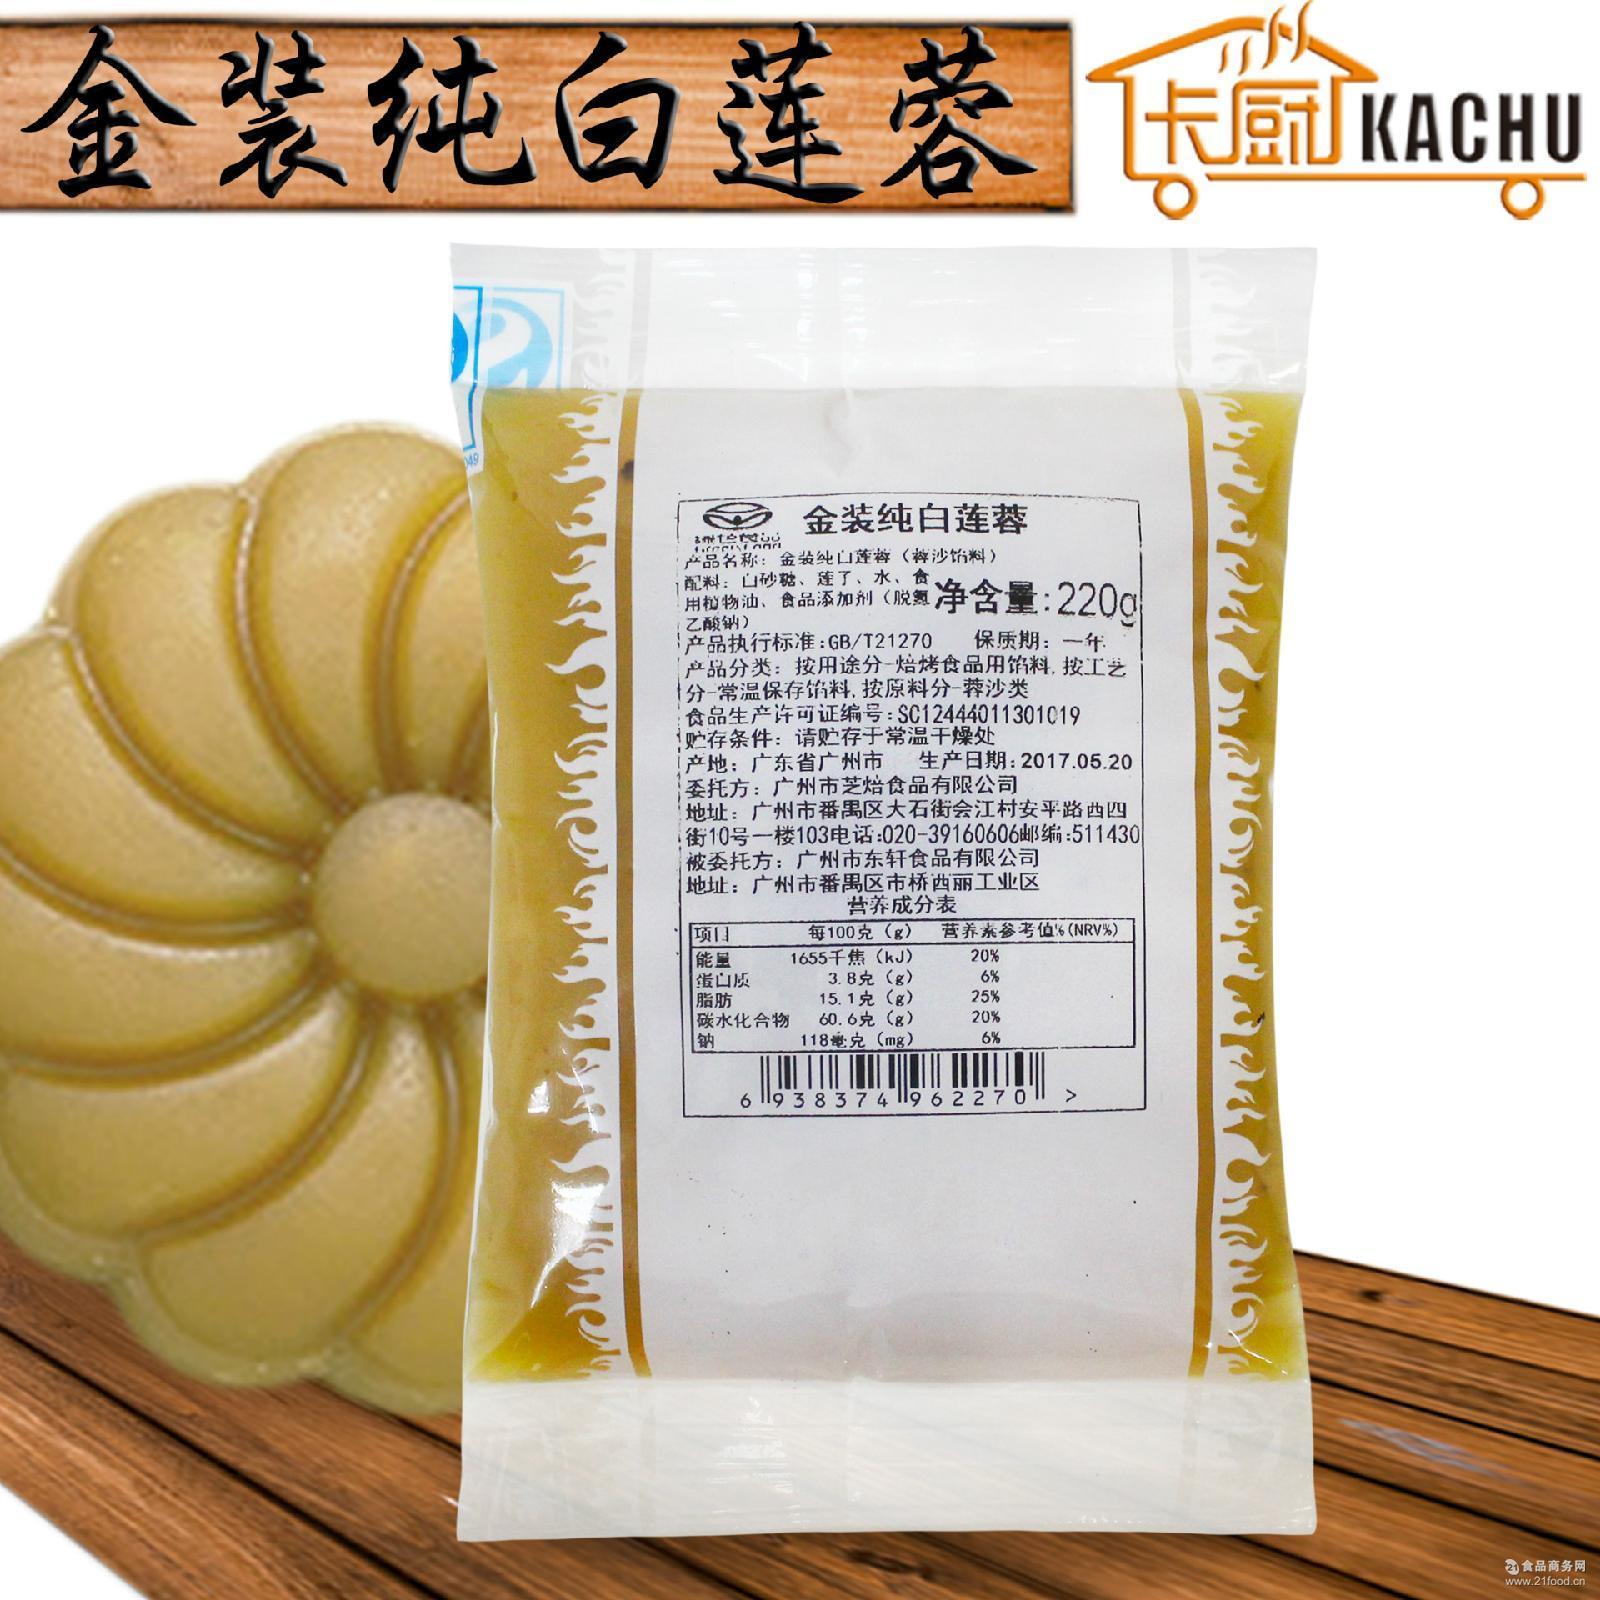 广式月饼糕点夹心原料 中秋冰皮月饼馅料 芝焙金装纯白莲蓉220g